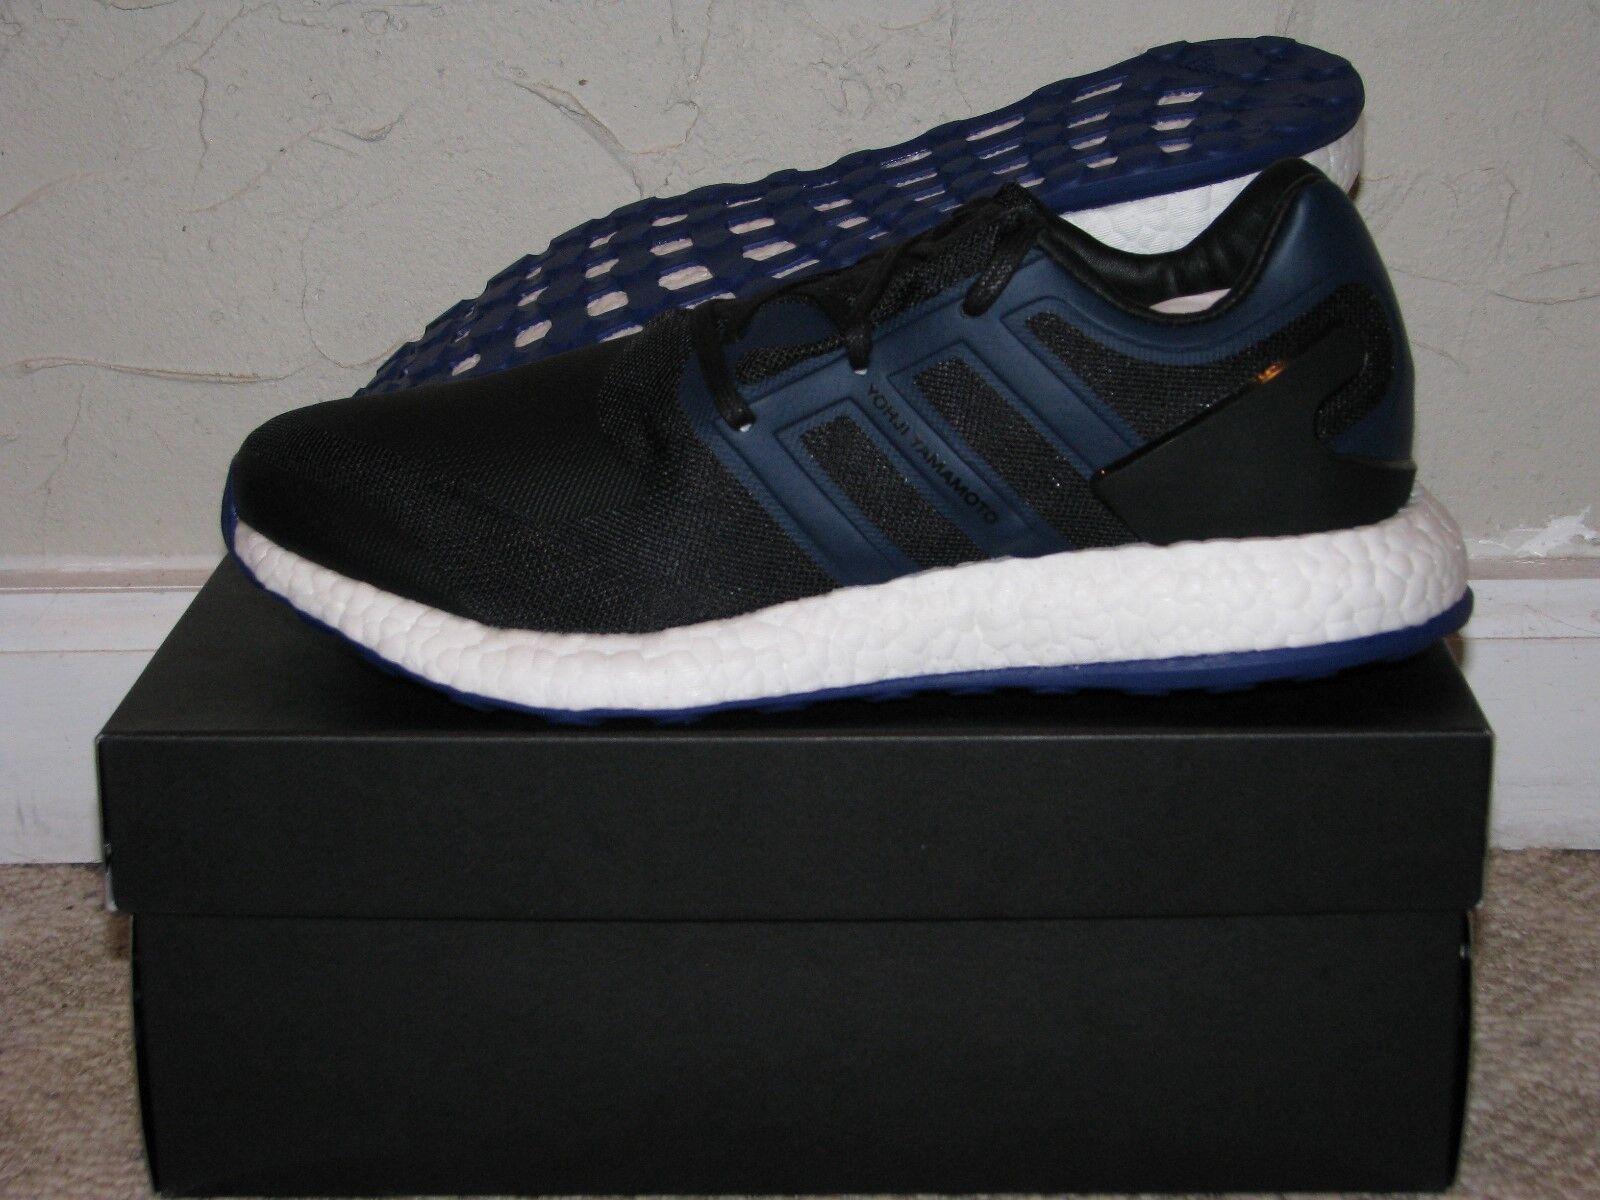 Oe pureboost nero / 9,5 blu Uomo dimensioni 9,5 / ds di nuovo!by8956 yamamoto adidas impulso ec89f5